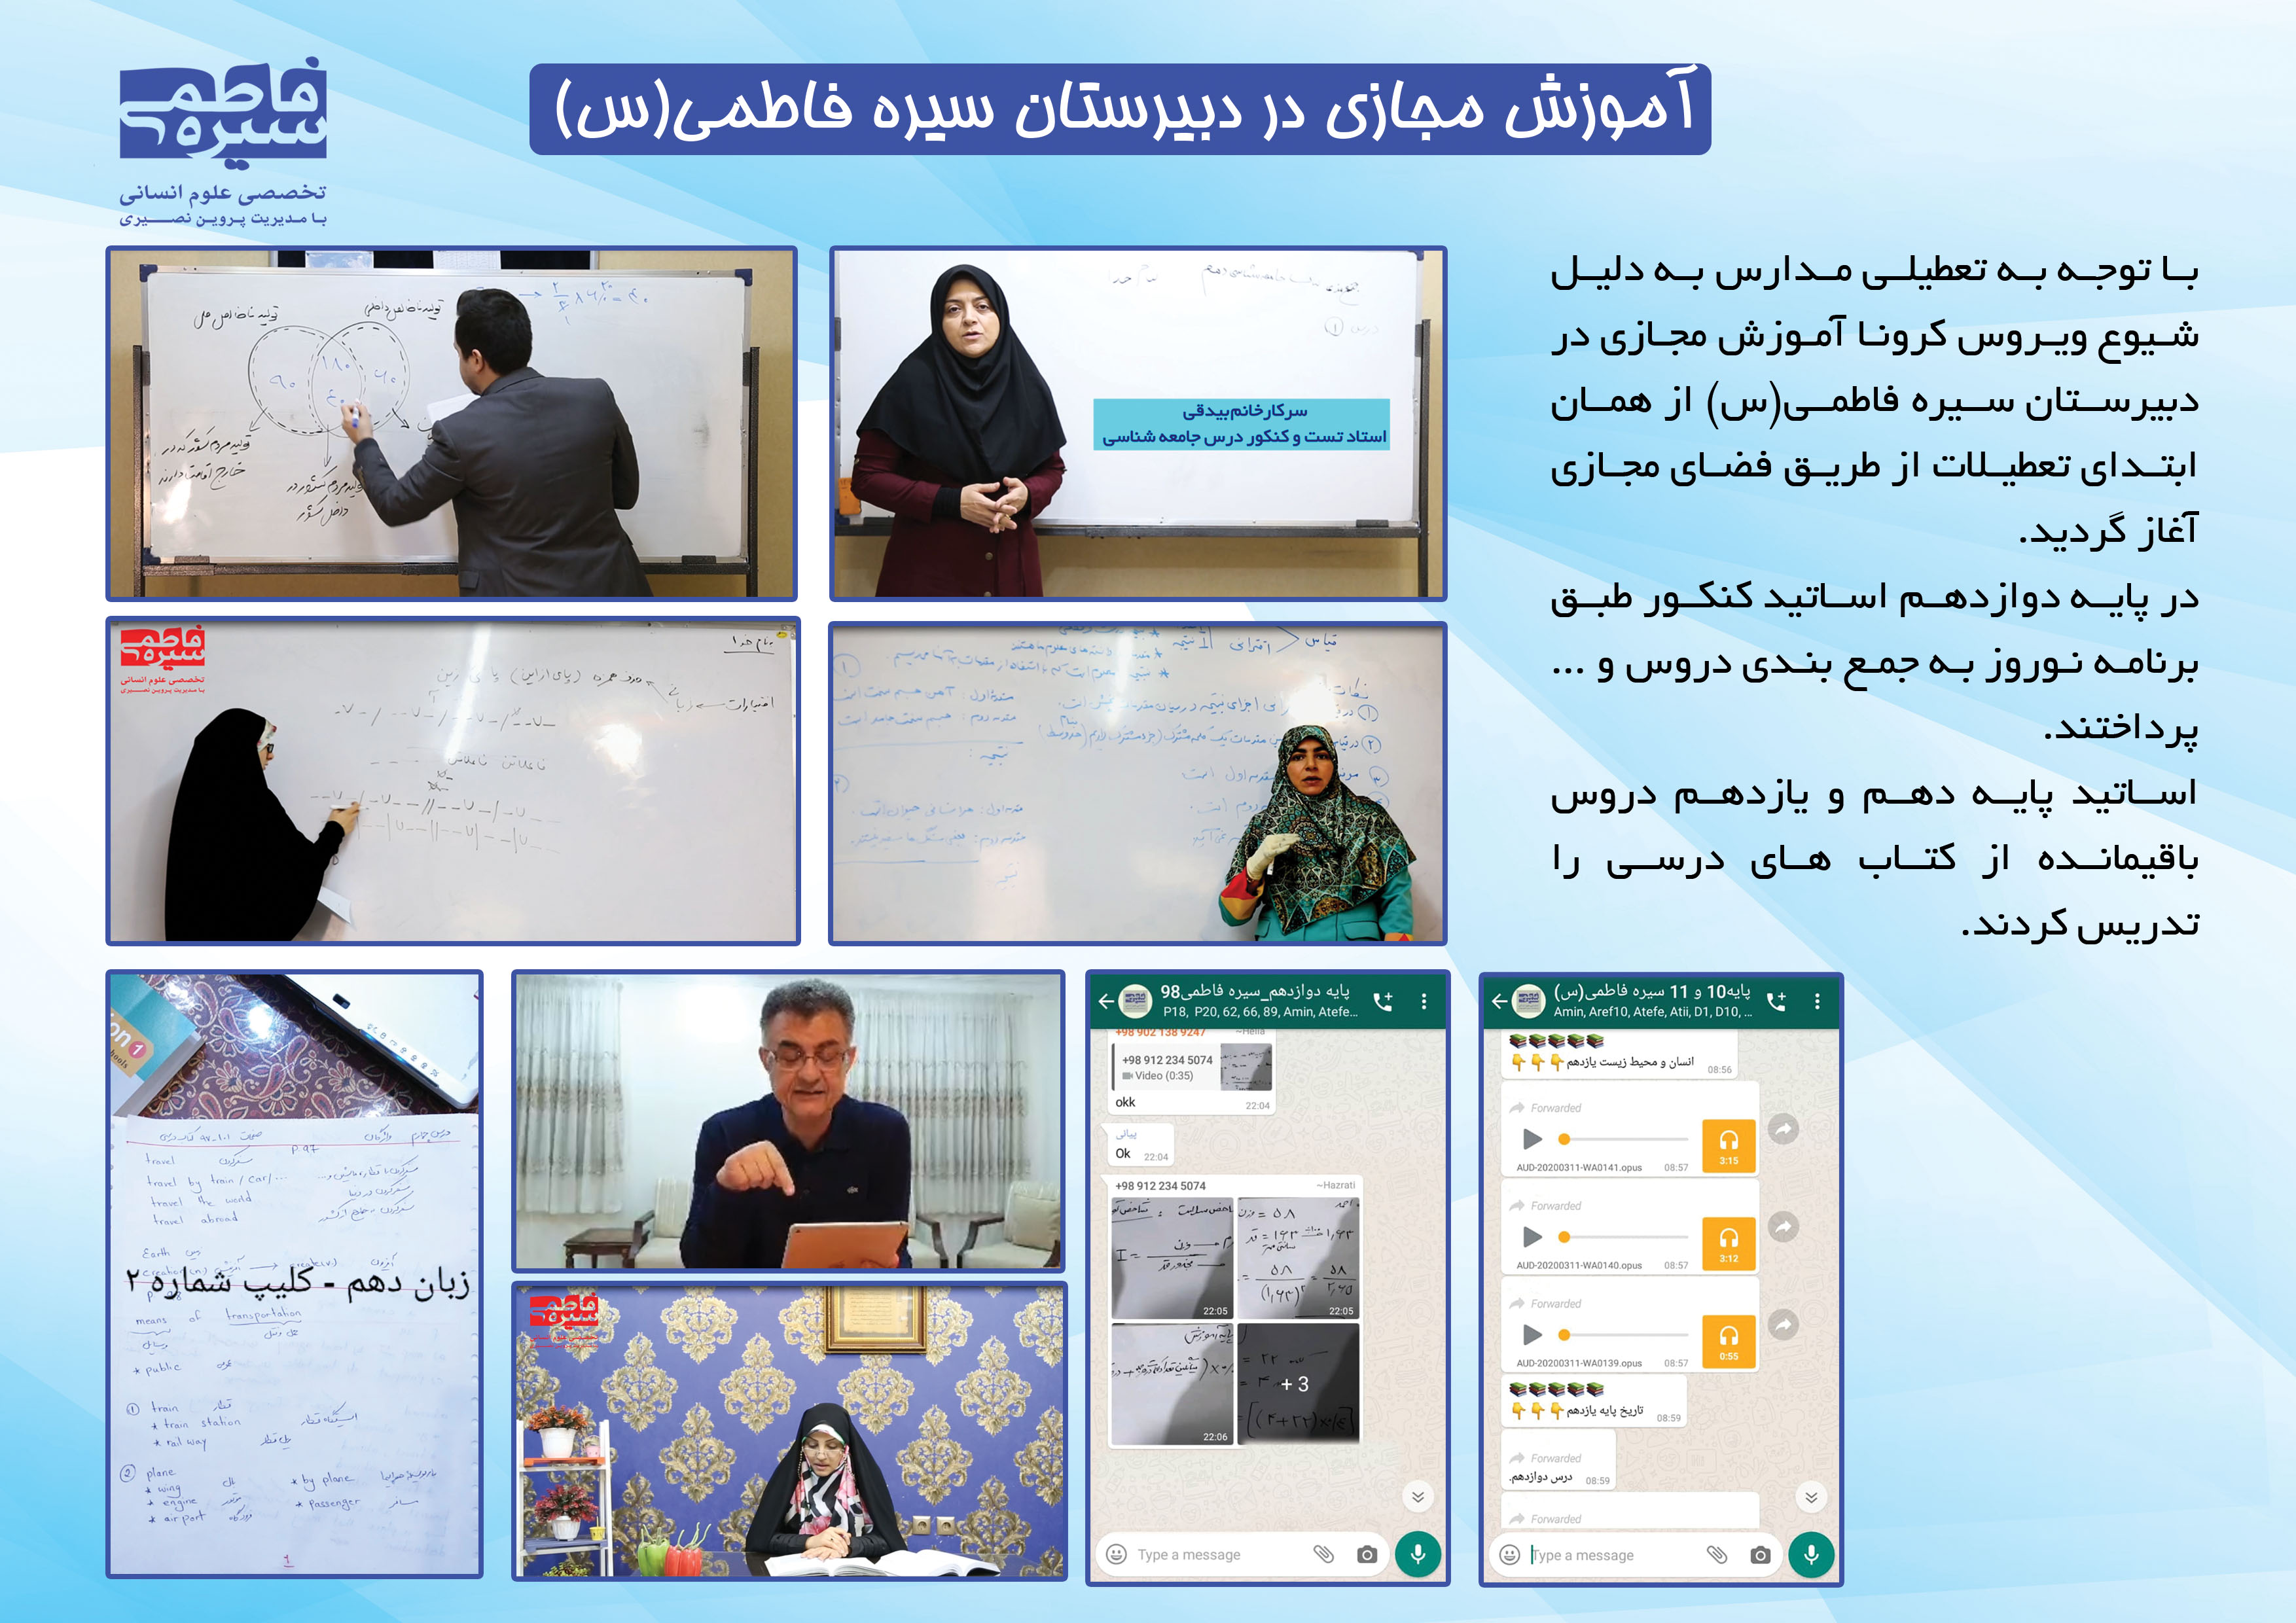 آموزش مجازی در دبیرستان سیره فاطمی (س)